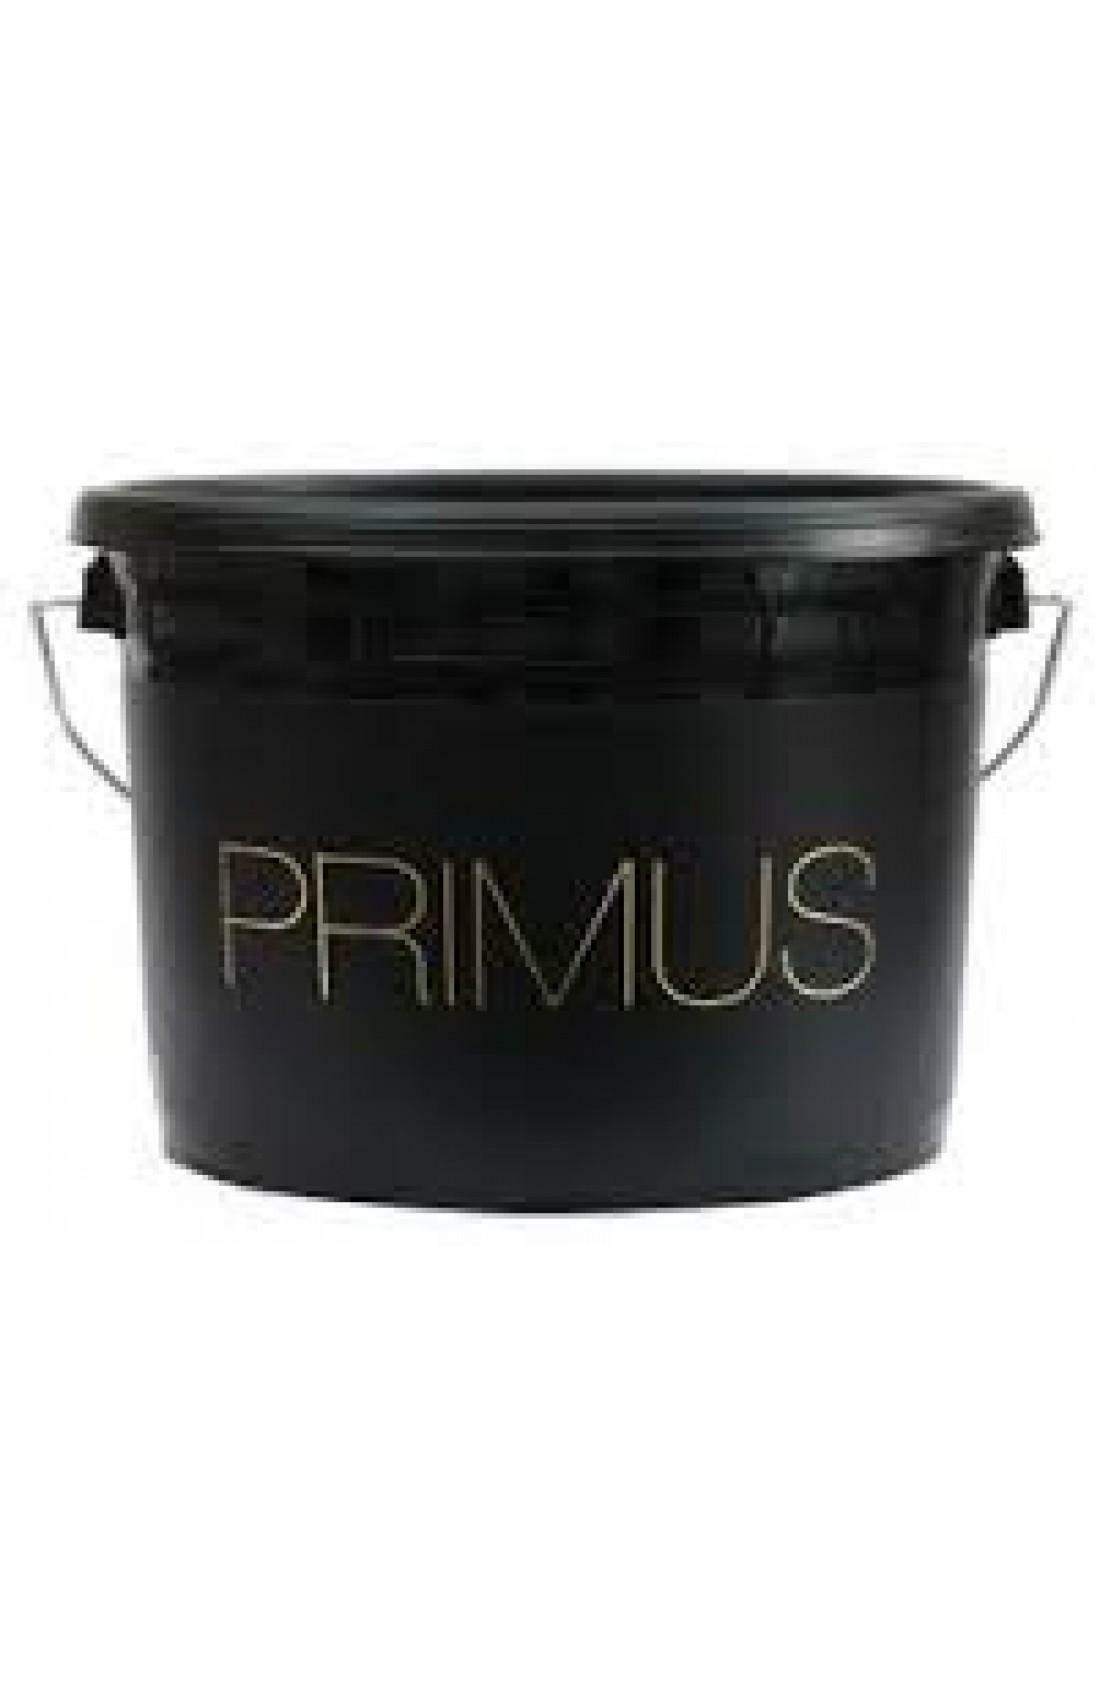 graesan graesan primus spatula stuhhi 5 ltfondo di preparazione per pitture decorative